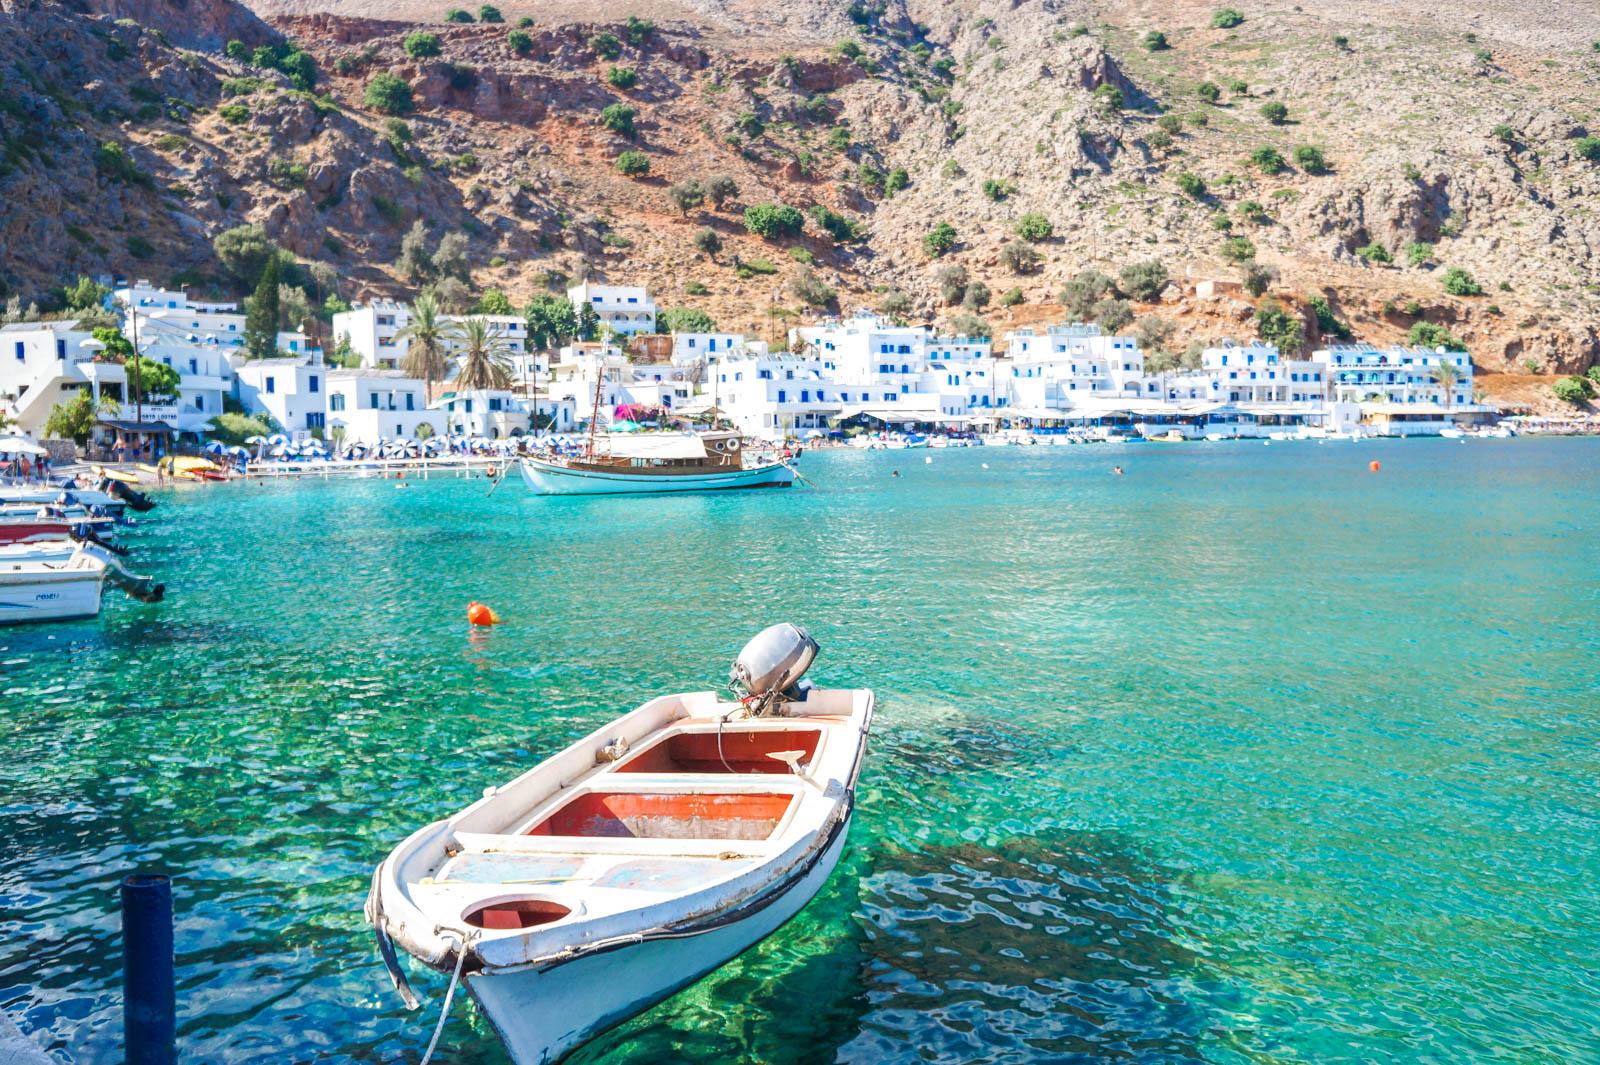 loutro-crete-greece-la-vie-en-blog-all-rights-reserved-15